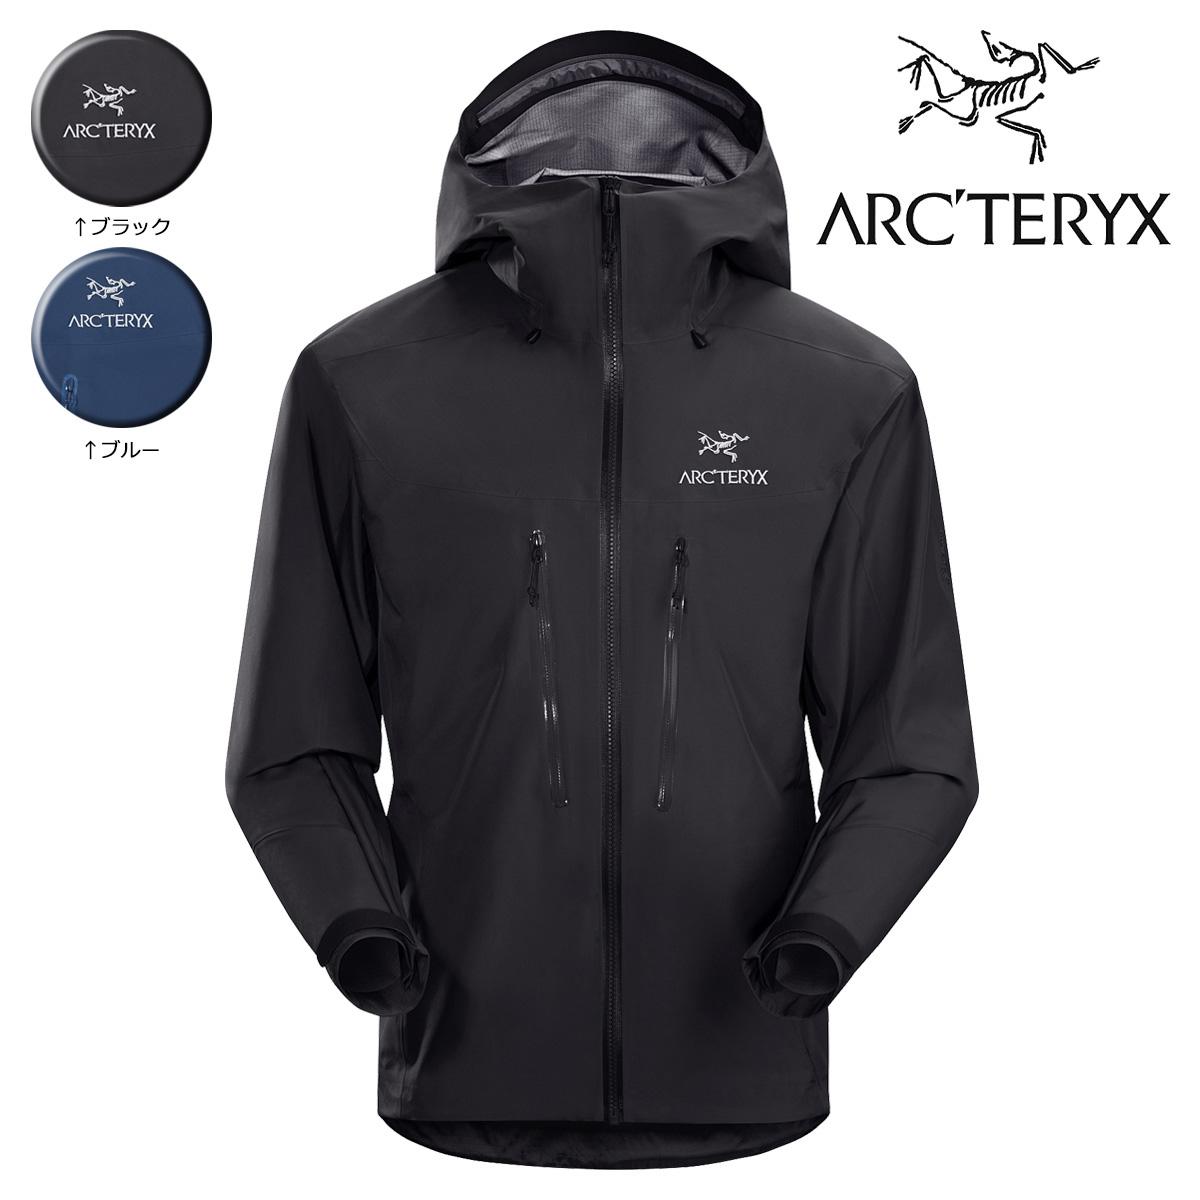 アークテリクス ARC'TERYX ジャケット アルファ ALPHA AR JACKET 18086 メンズ ブラック 【決算セール 返品不可】